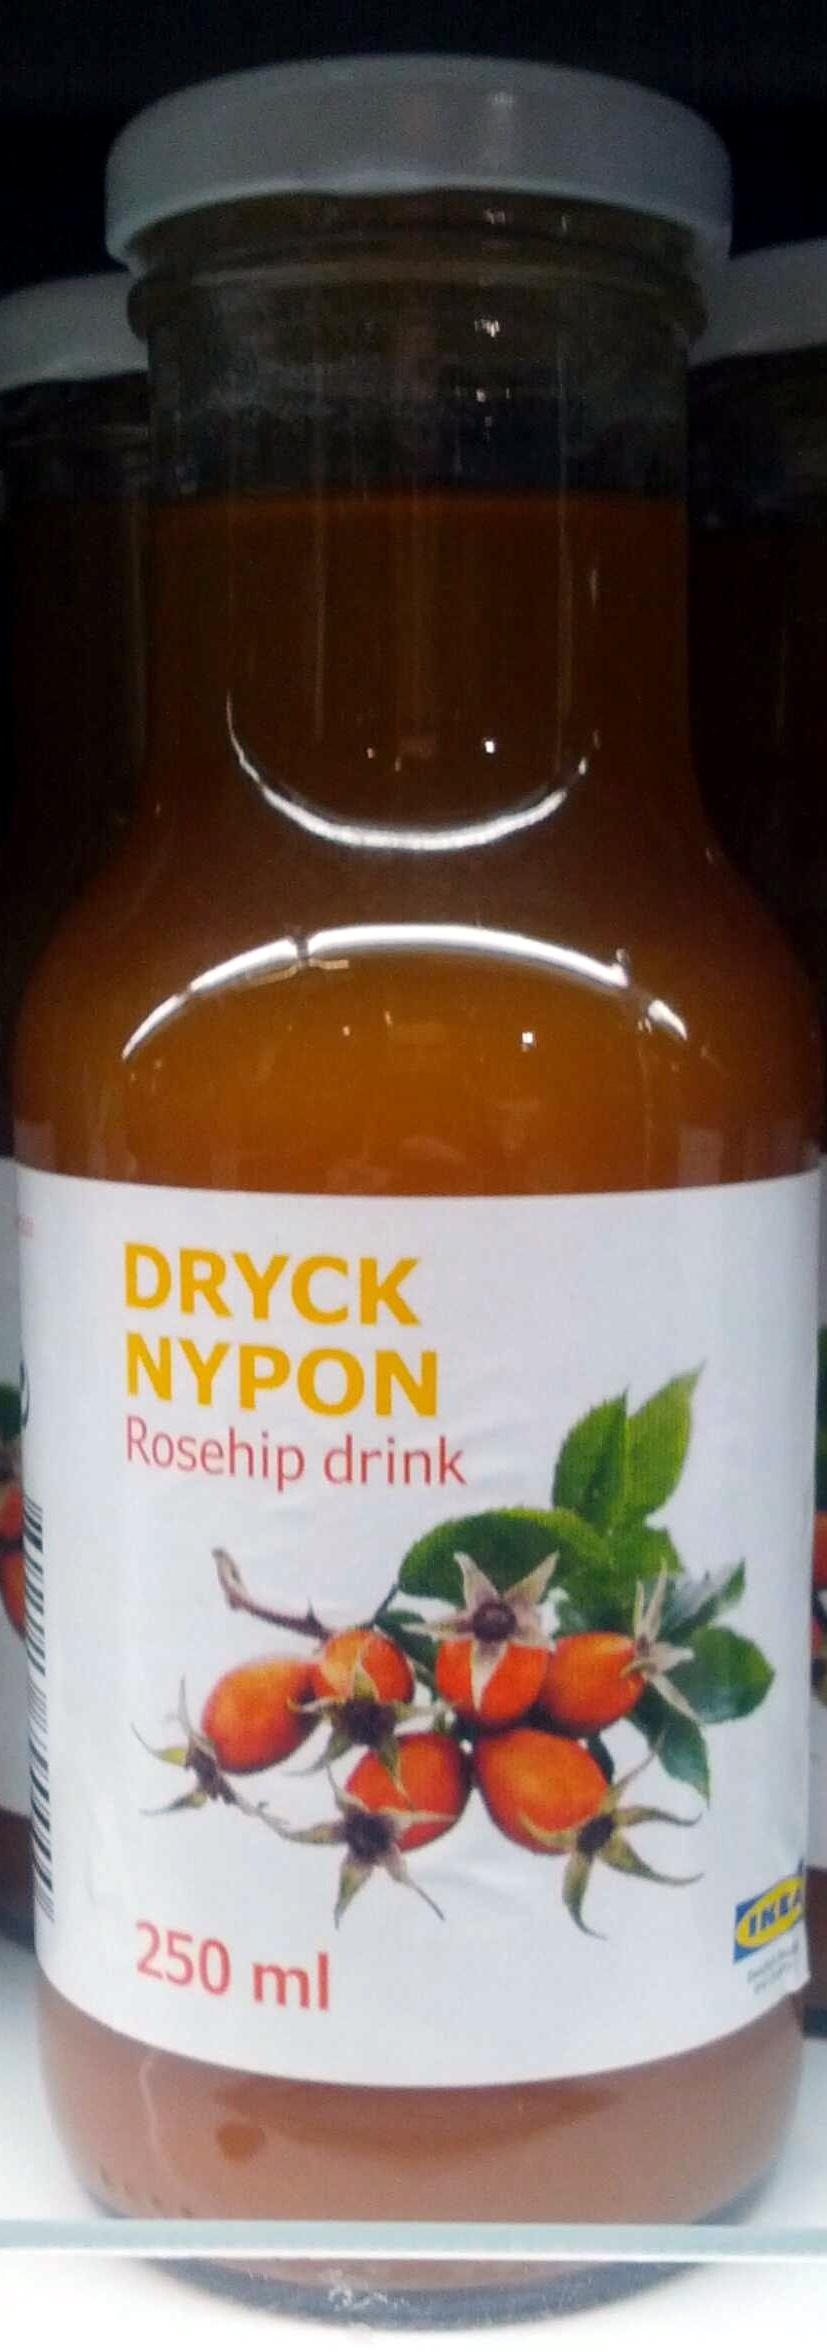 Dryck Nypon - Producto - en